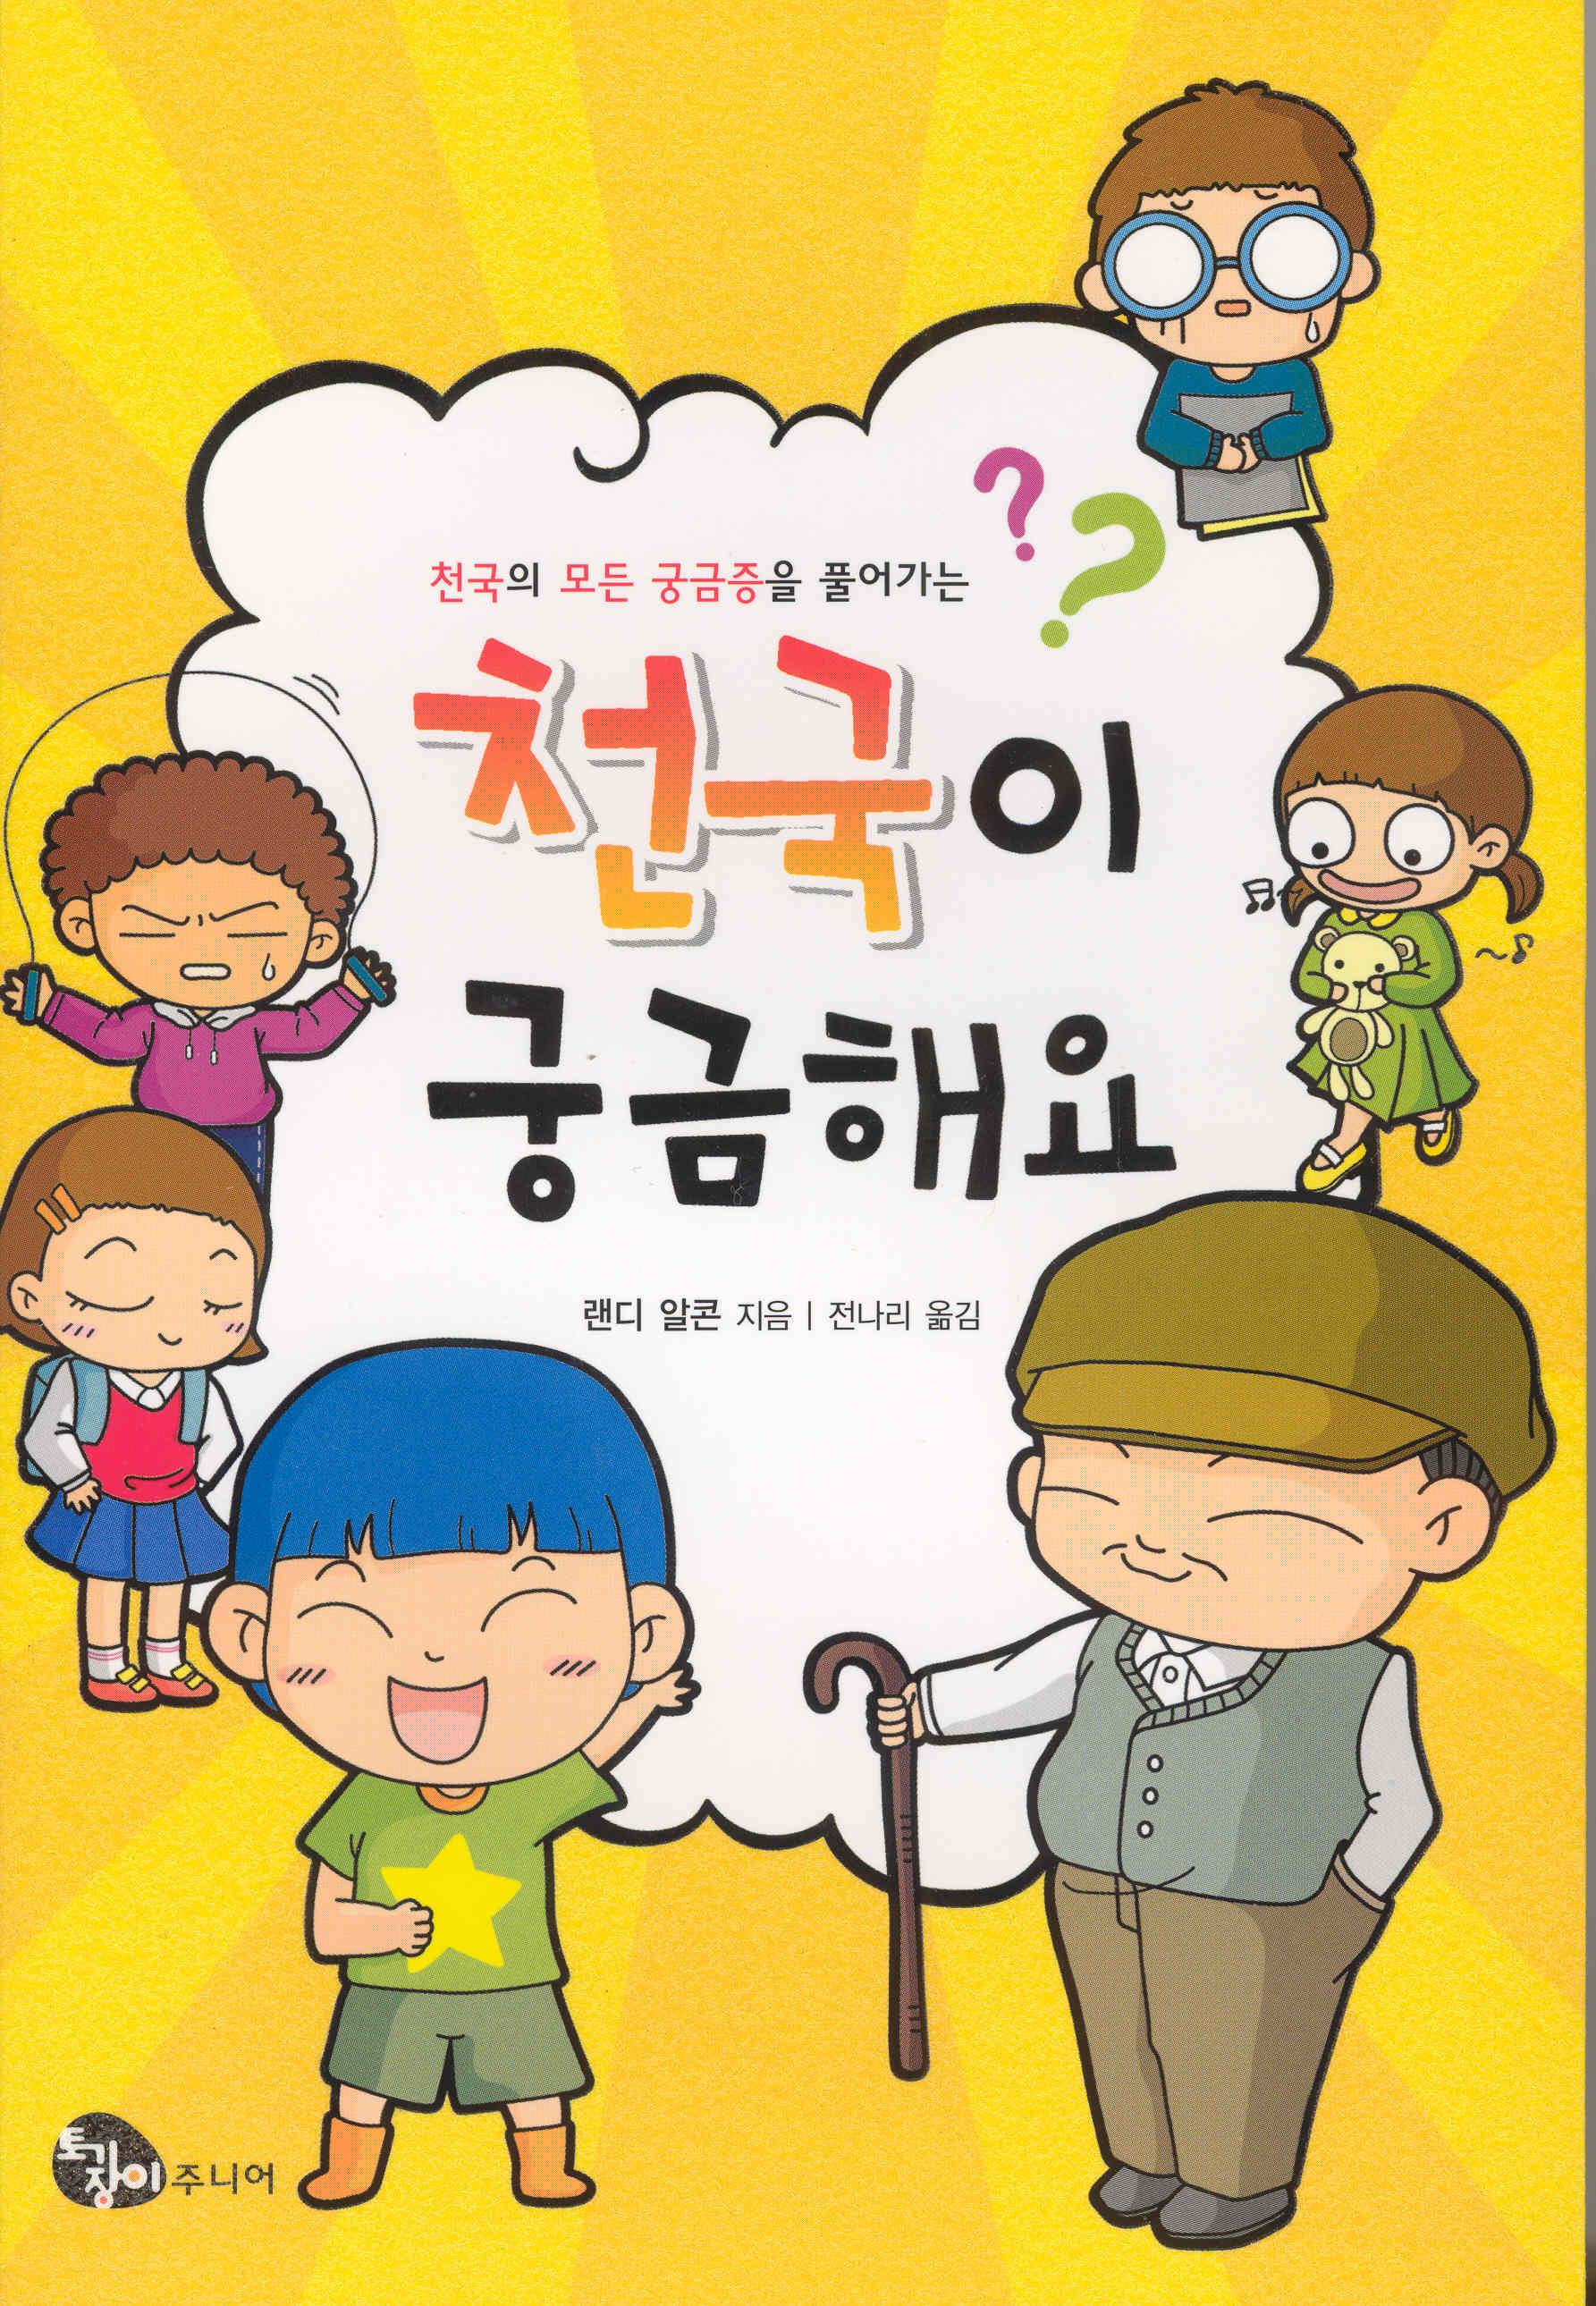 heaven-for-kids-korean.jpg